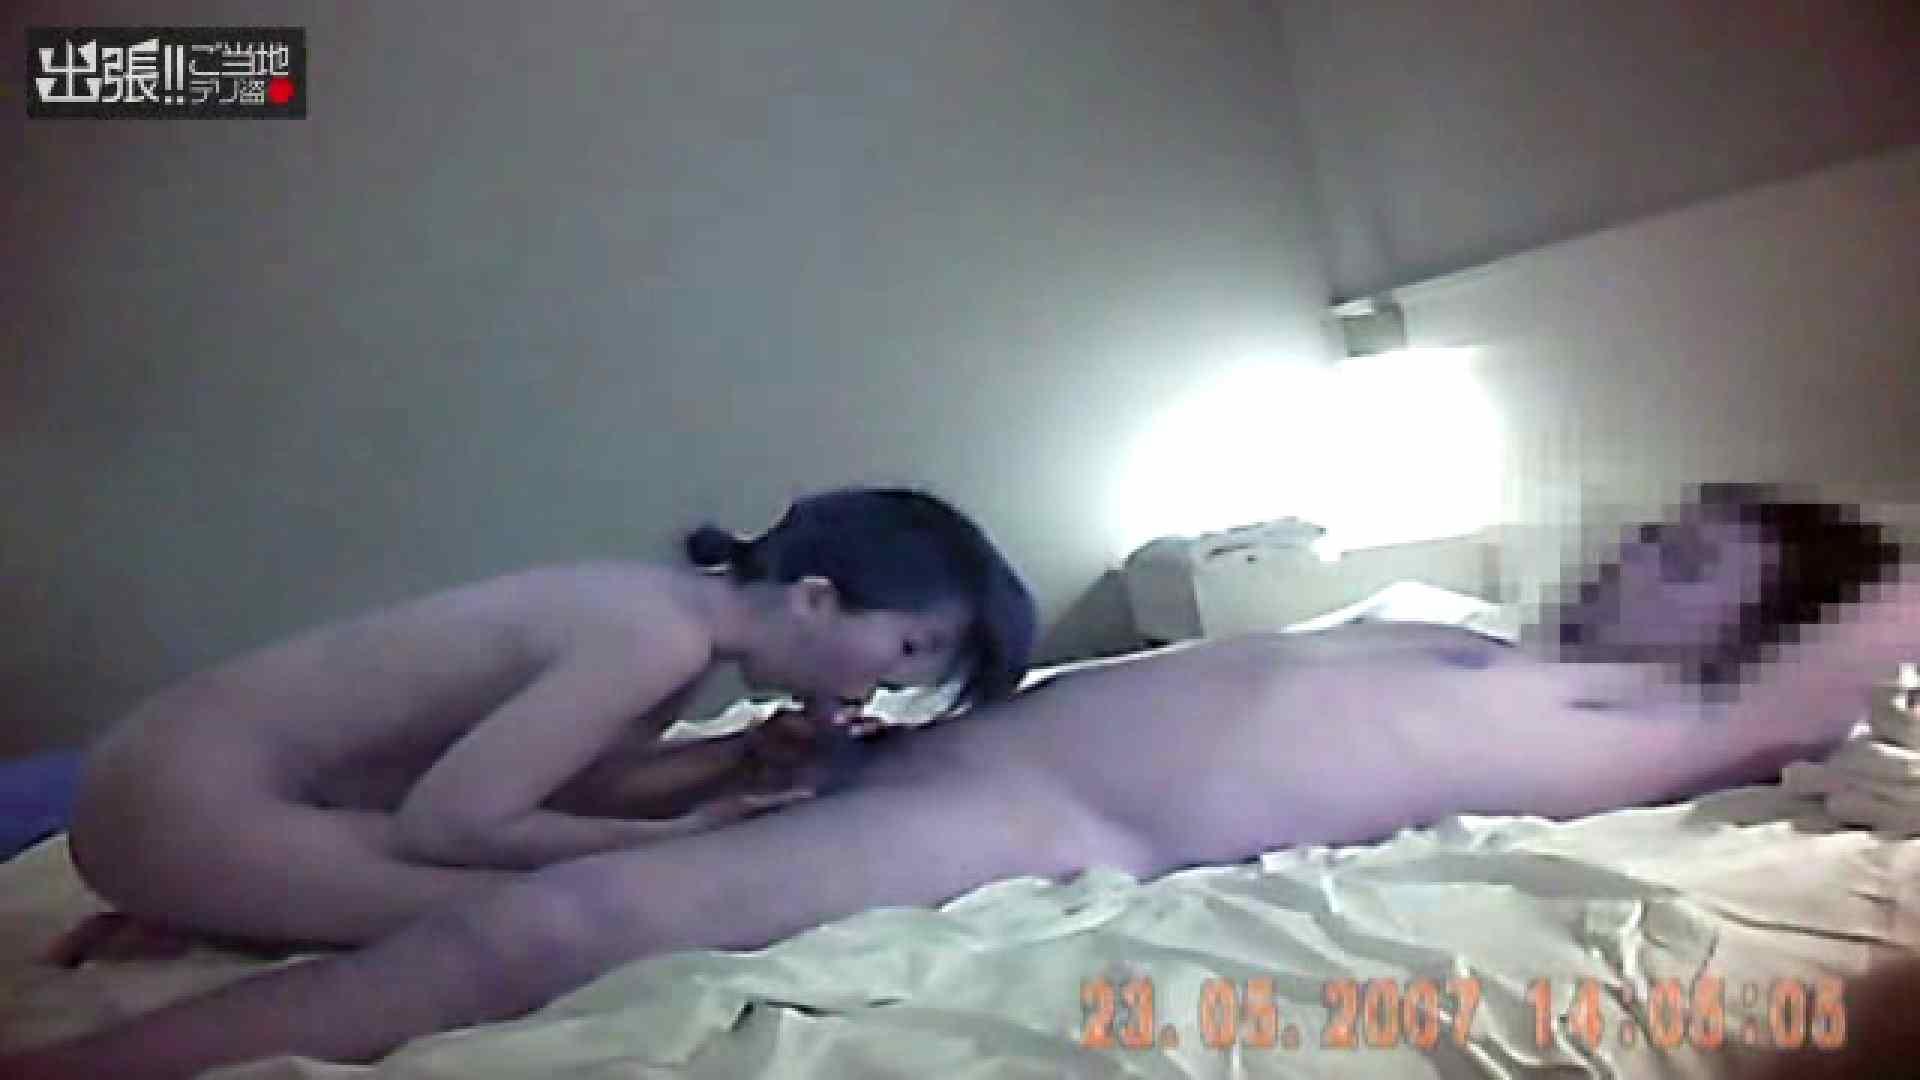 出張リーマンのデリ嬢隠し撮り第3弾vol.4 盗撮 | 投稿  111pic 73